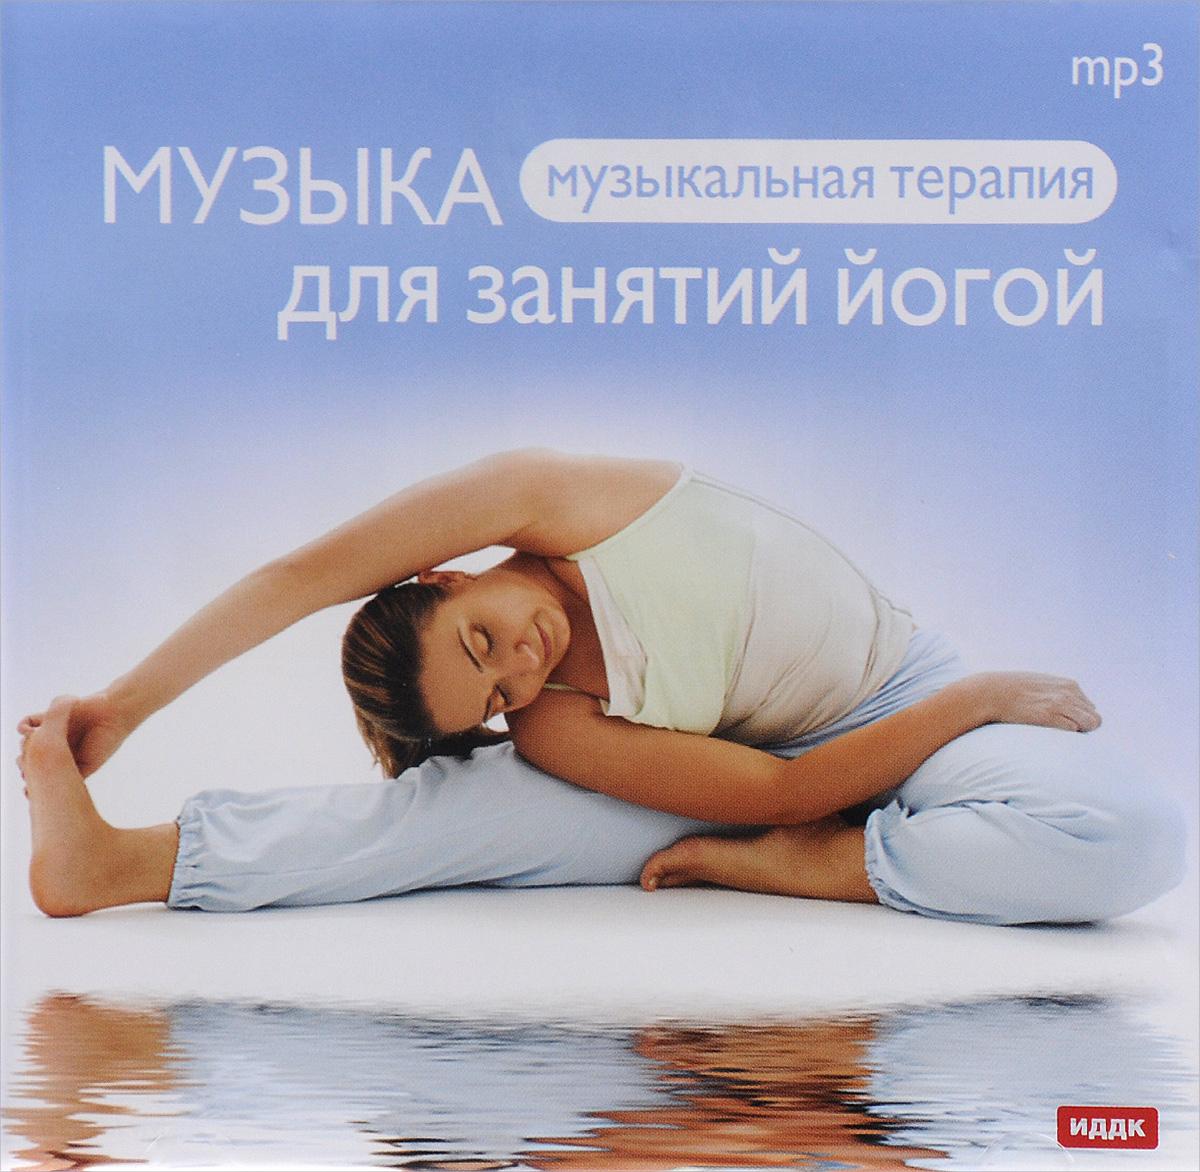 Специально подобранные мелодии для занятия йогой и медитации. Музыка помогает настроиться на нужный лад, отвлечься от посторонних звуков, прислушаться к собственному организму, создает неповторимую атмосферу покоя и гармонии. Конечно, совсем не обязательно заниматься йогой под музыку. Но - намного приятнее, это точно. Даже если вы не занимаетесь практикой, музыка для йоги может быть использована для расслабления после насыщенного эмоциями дня. Просто наполните ванну теплой водой, зажгите ароматическую свечку и включите спокойную музыку - и весь дневной стресс как рукой снимет! Приятного прослушивания! Издание содержит 19 инструментальных композиций.